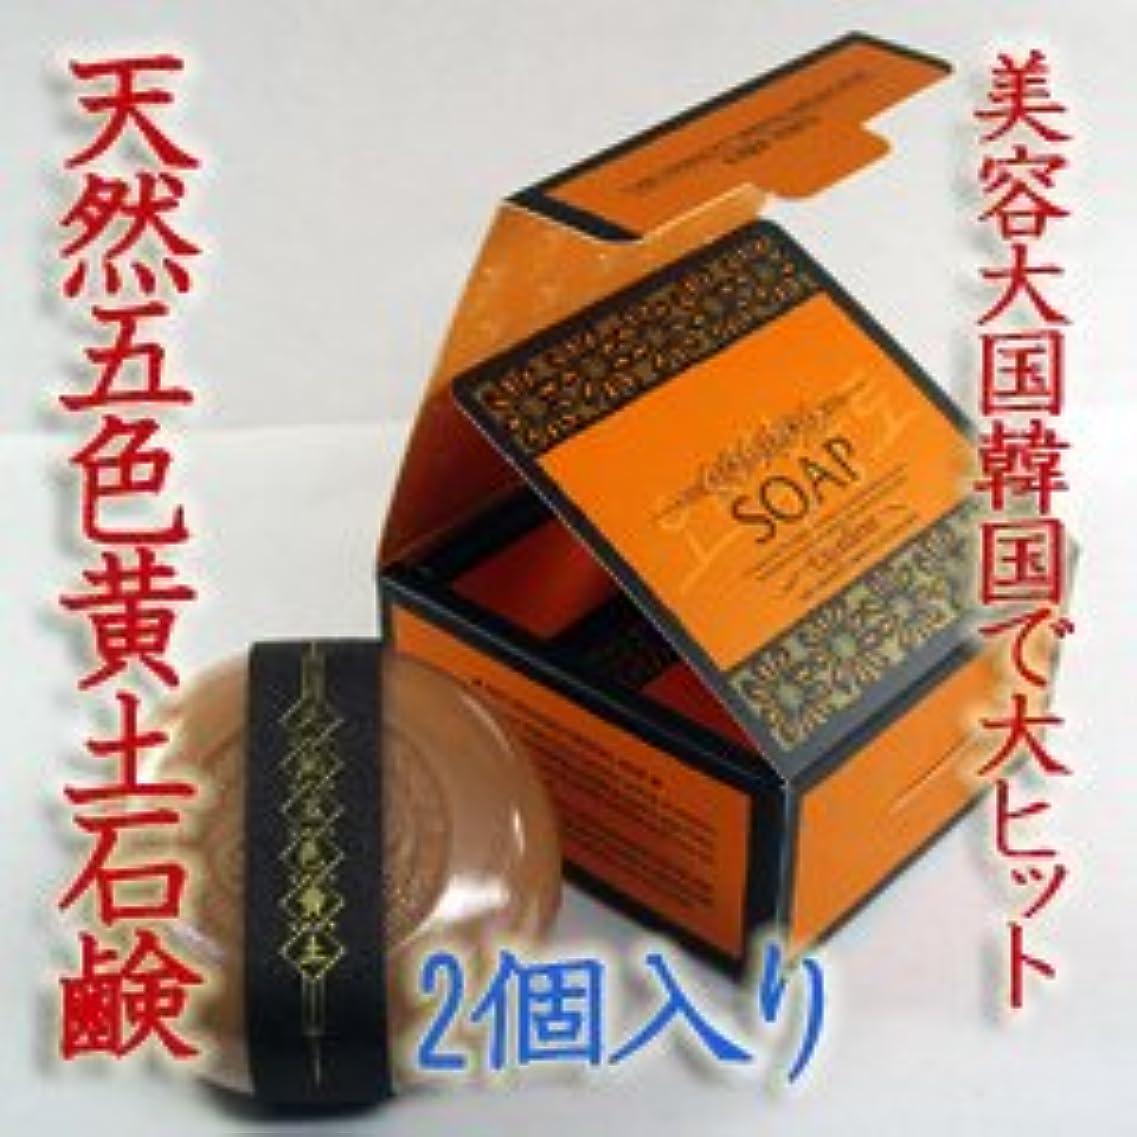 南アメリカに三角形美容石鹸 【五色黄土石鹸 2個入り】 ピエラス正規品